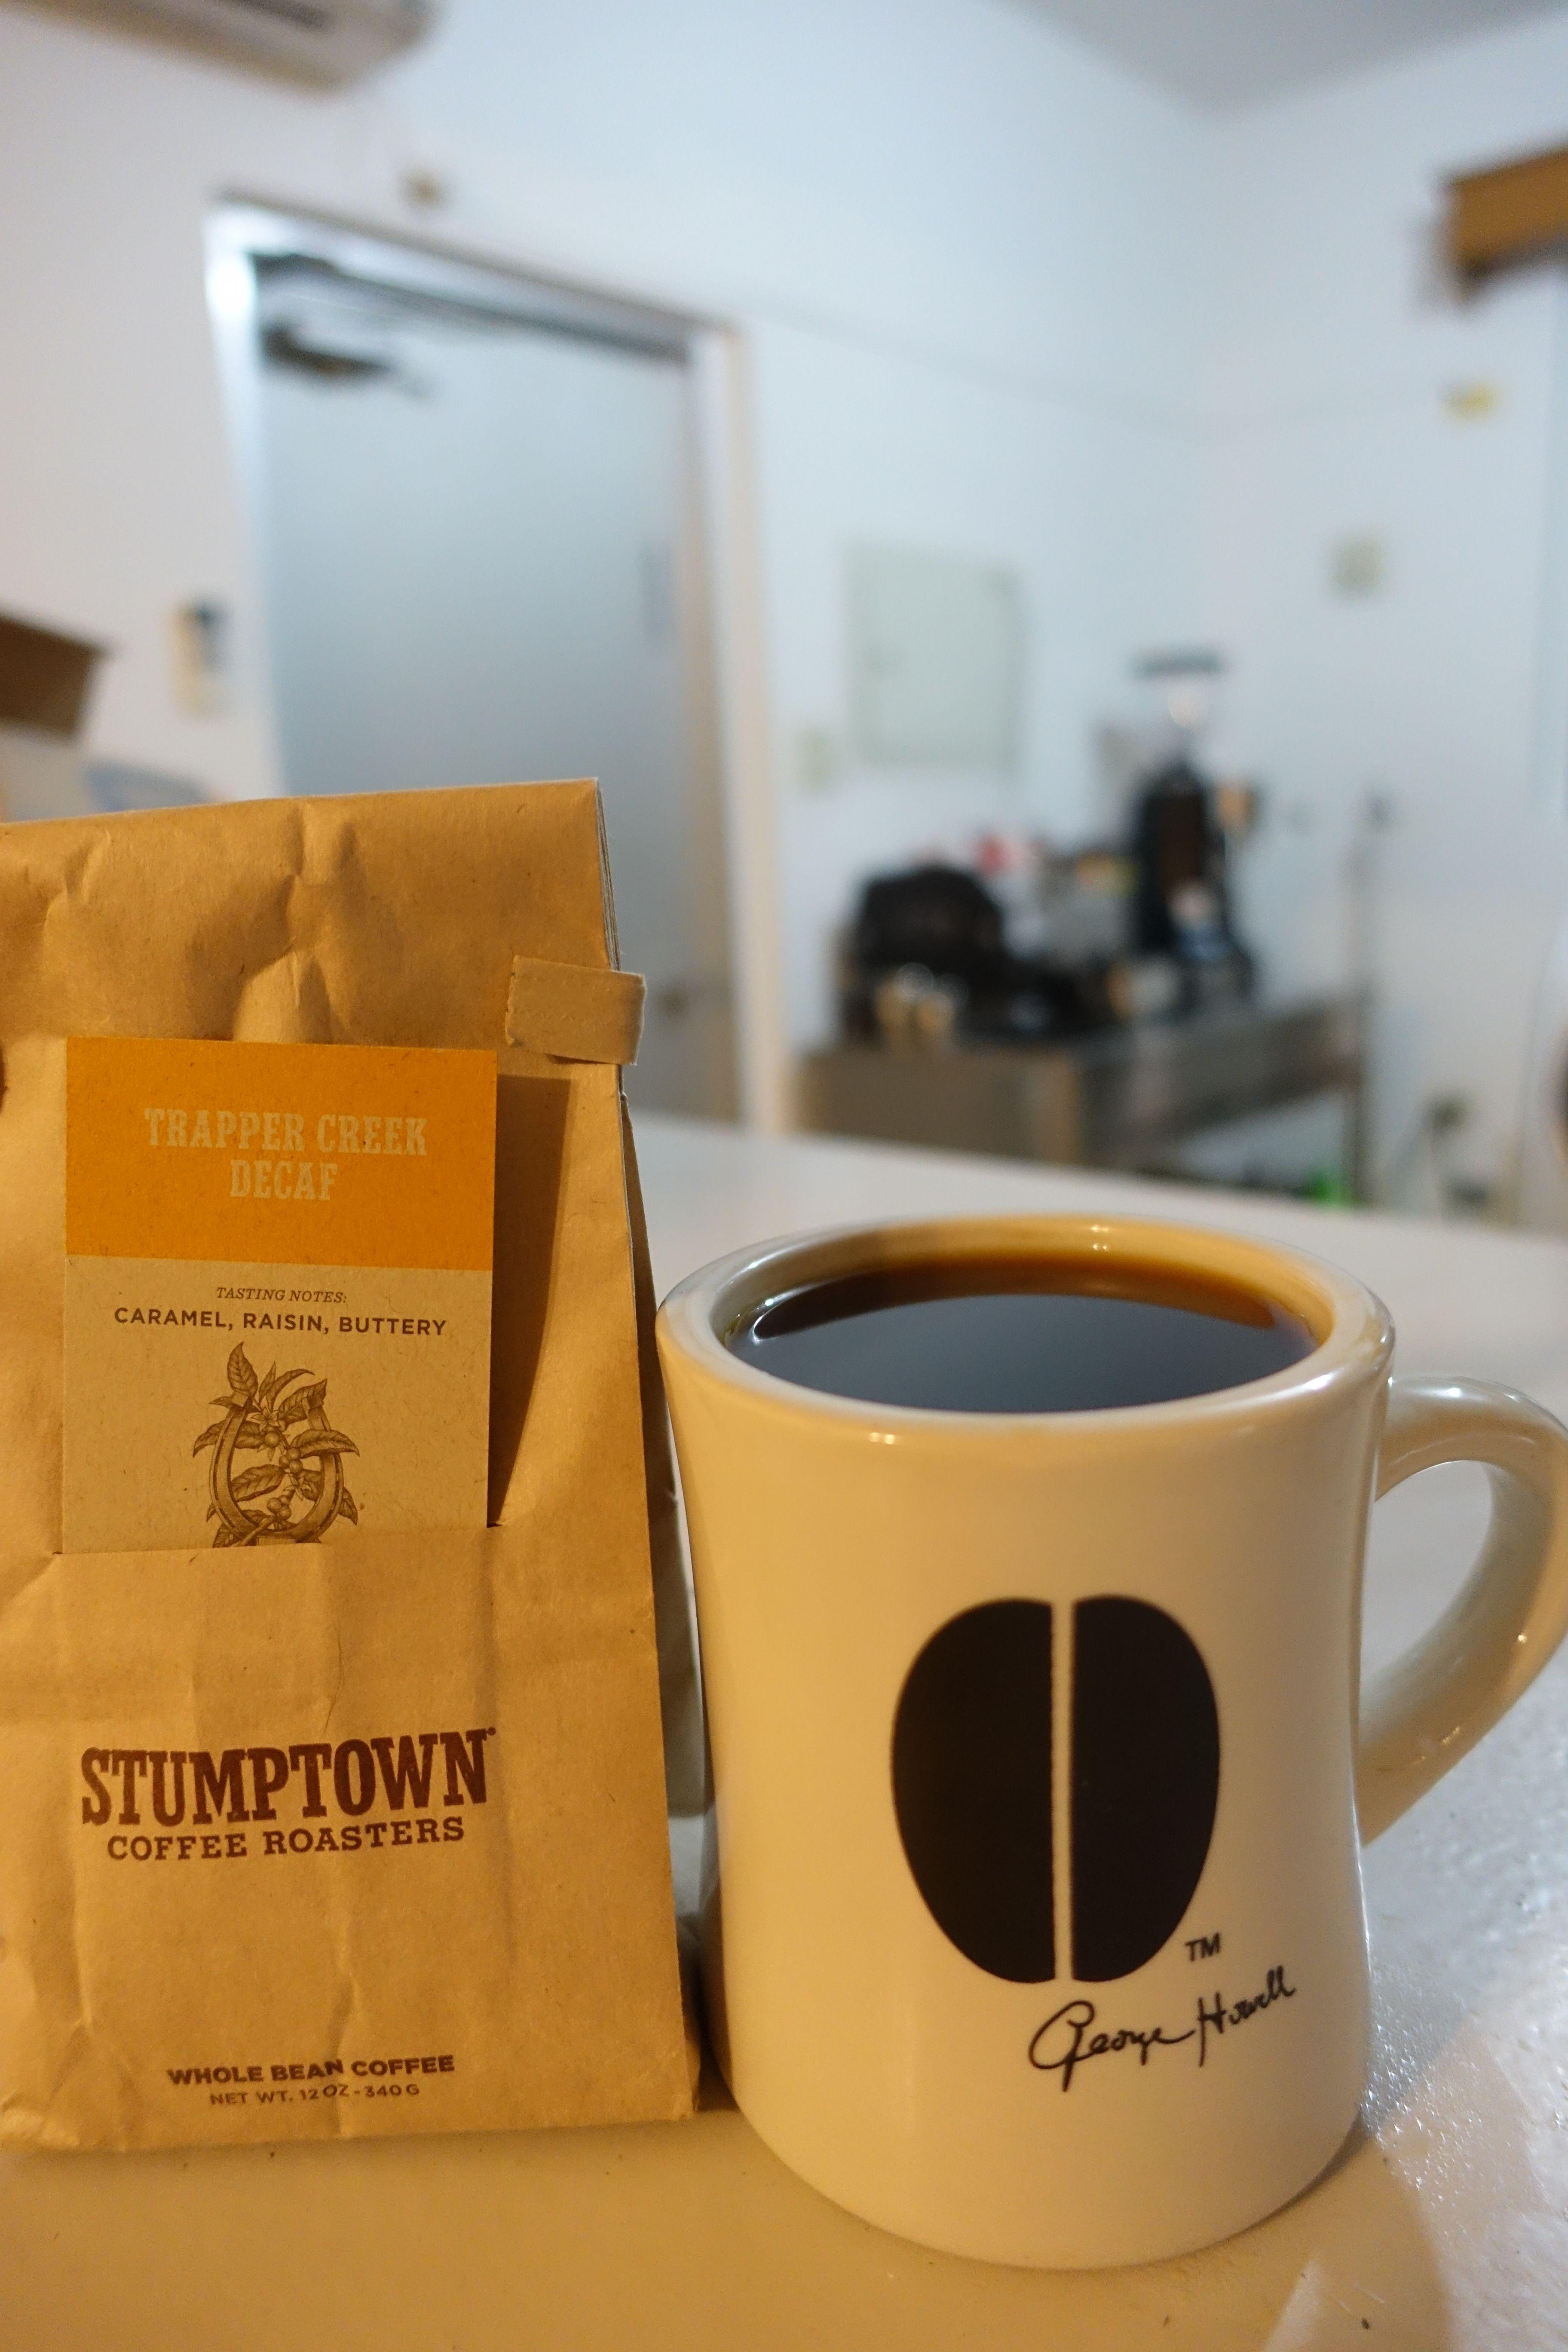 アメリカ・シアトルより   Trapper Creek Decaf   バター、ナッツなど 爽やかで甘い風味の印象☆ 良いディカフェのコーヒー。